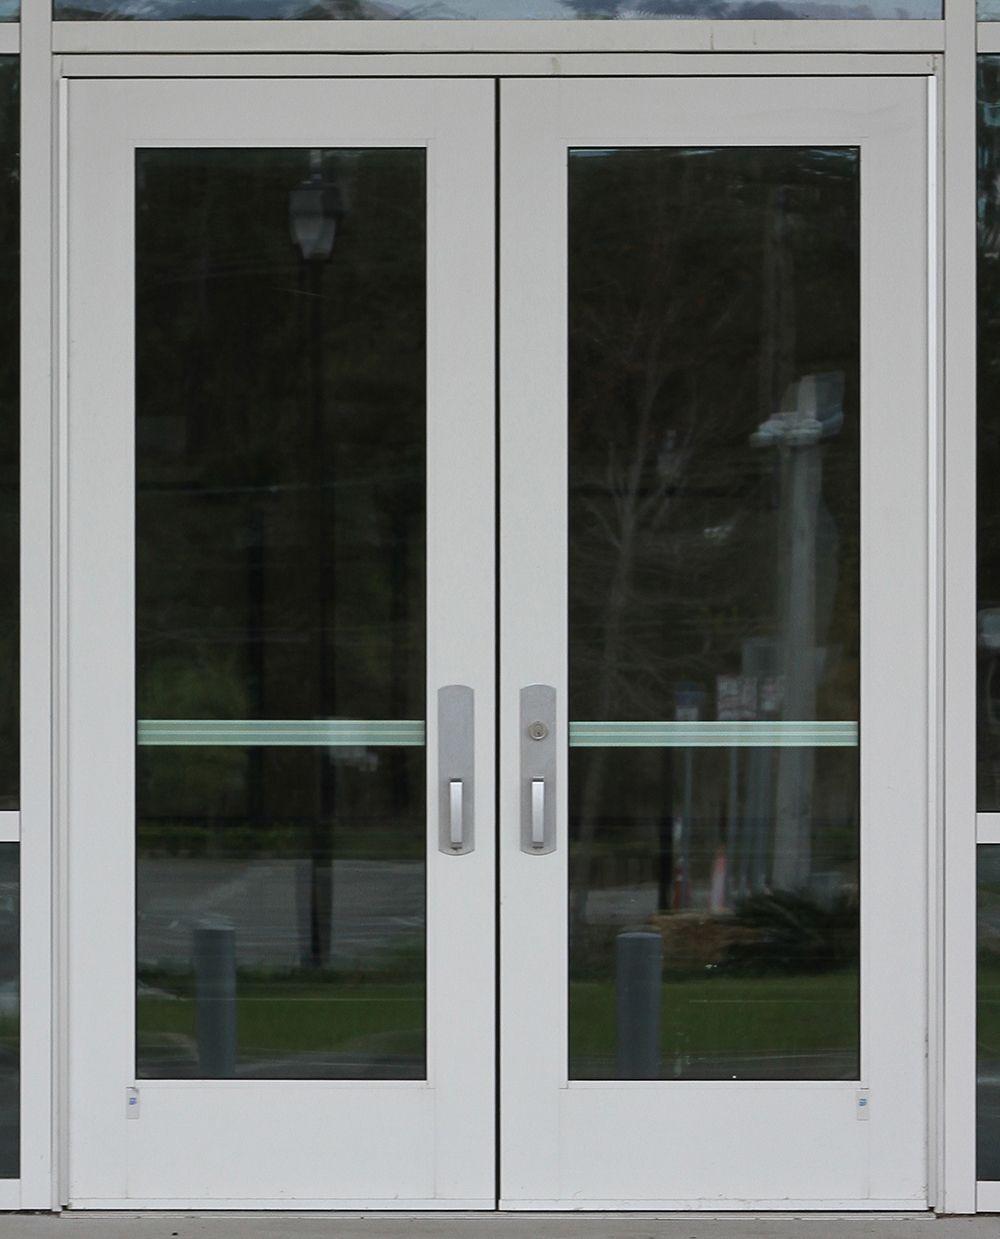 Commercial Storefront Doors Blog Binswanger Glass Storefront Doors Binswanger Glass Minimalism Interior